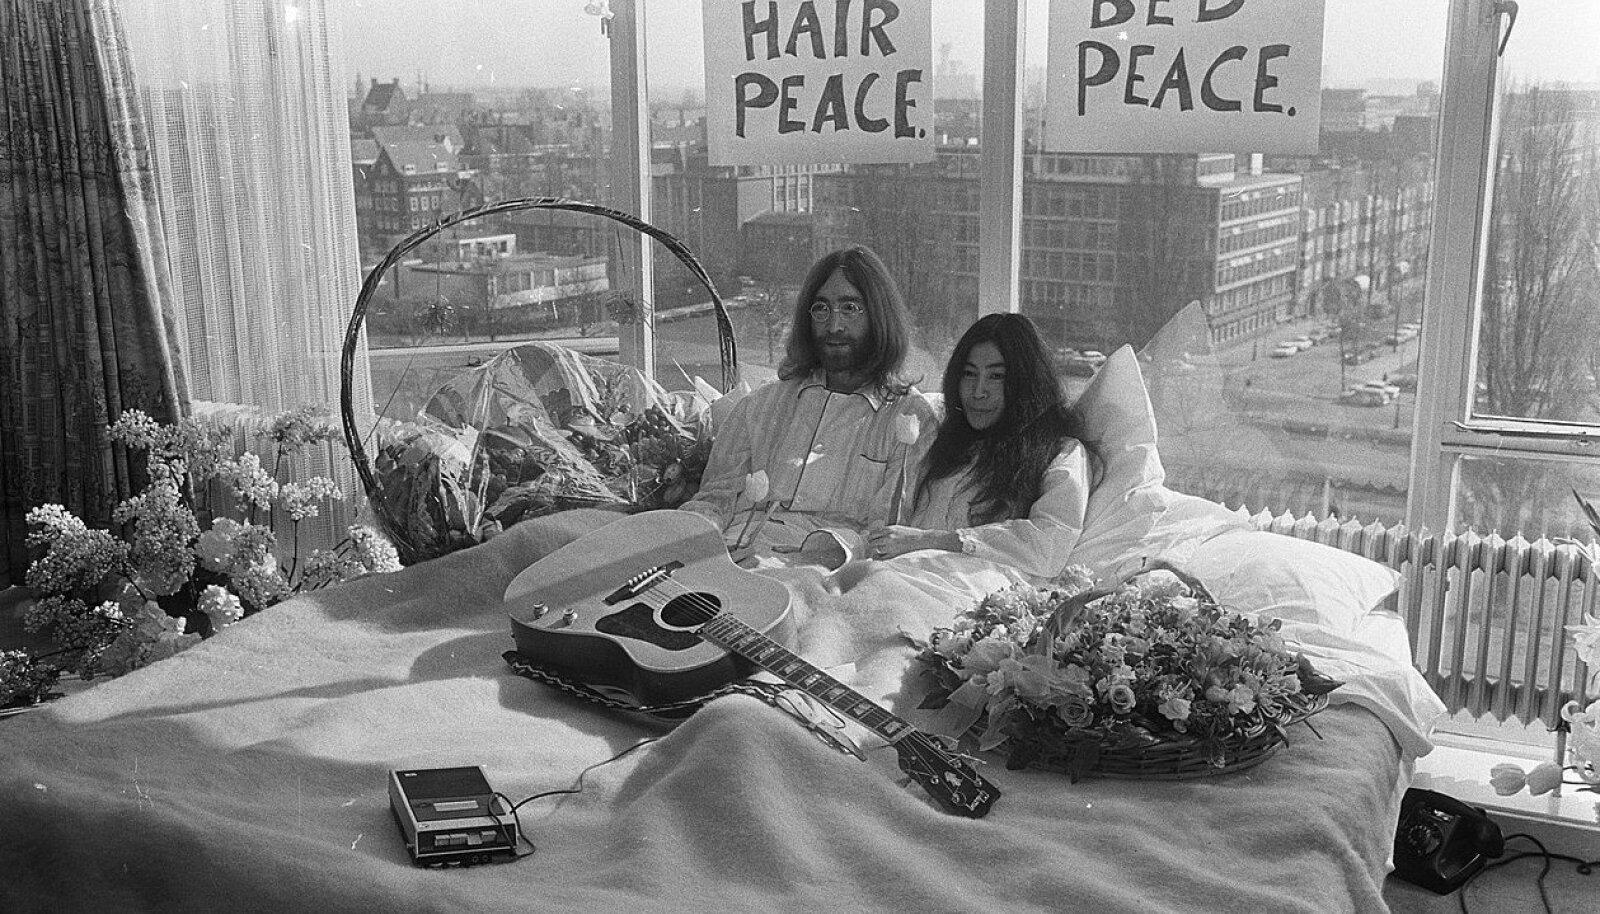 RAHUVOODI: John Lennon ja Yoko Ono korraldasid 1969. aastal nii Hiltoni hotellis Amsterdamis kui Queen Elizabeth hotellis Montrealis rahuprotesti, mille käigus veedeti kuus päeva hotelli sviidis ja räägiti avalikkusele maailmarahust.